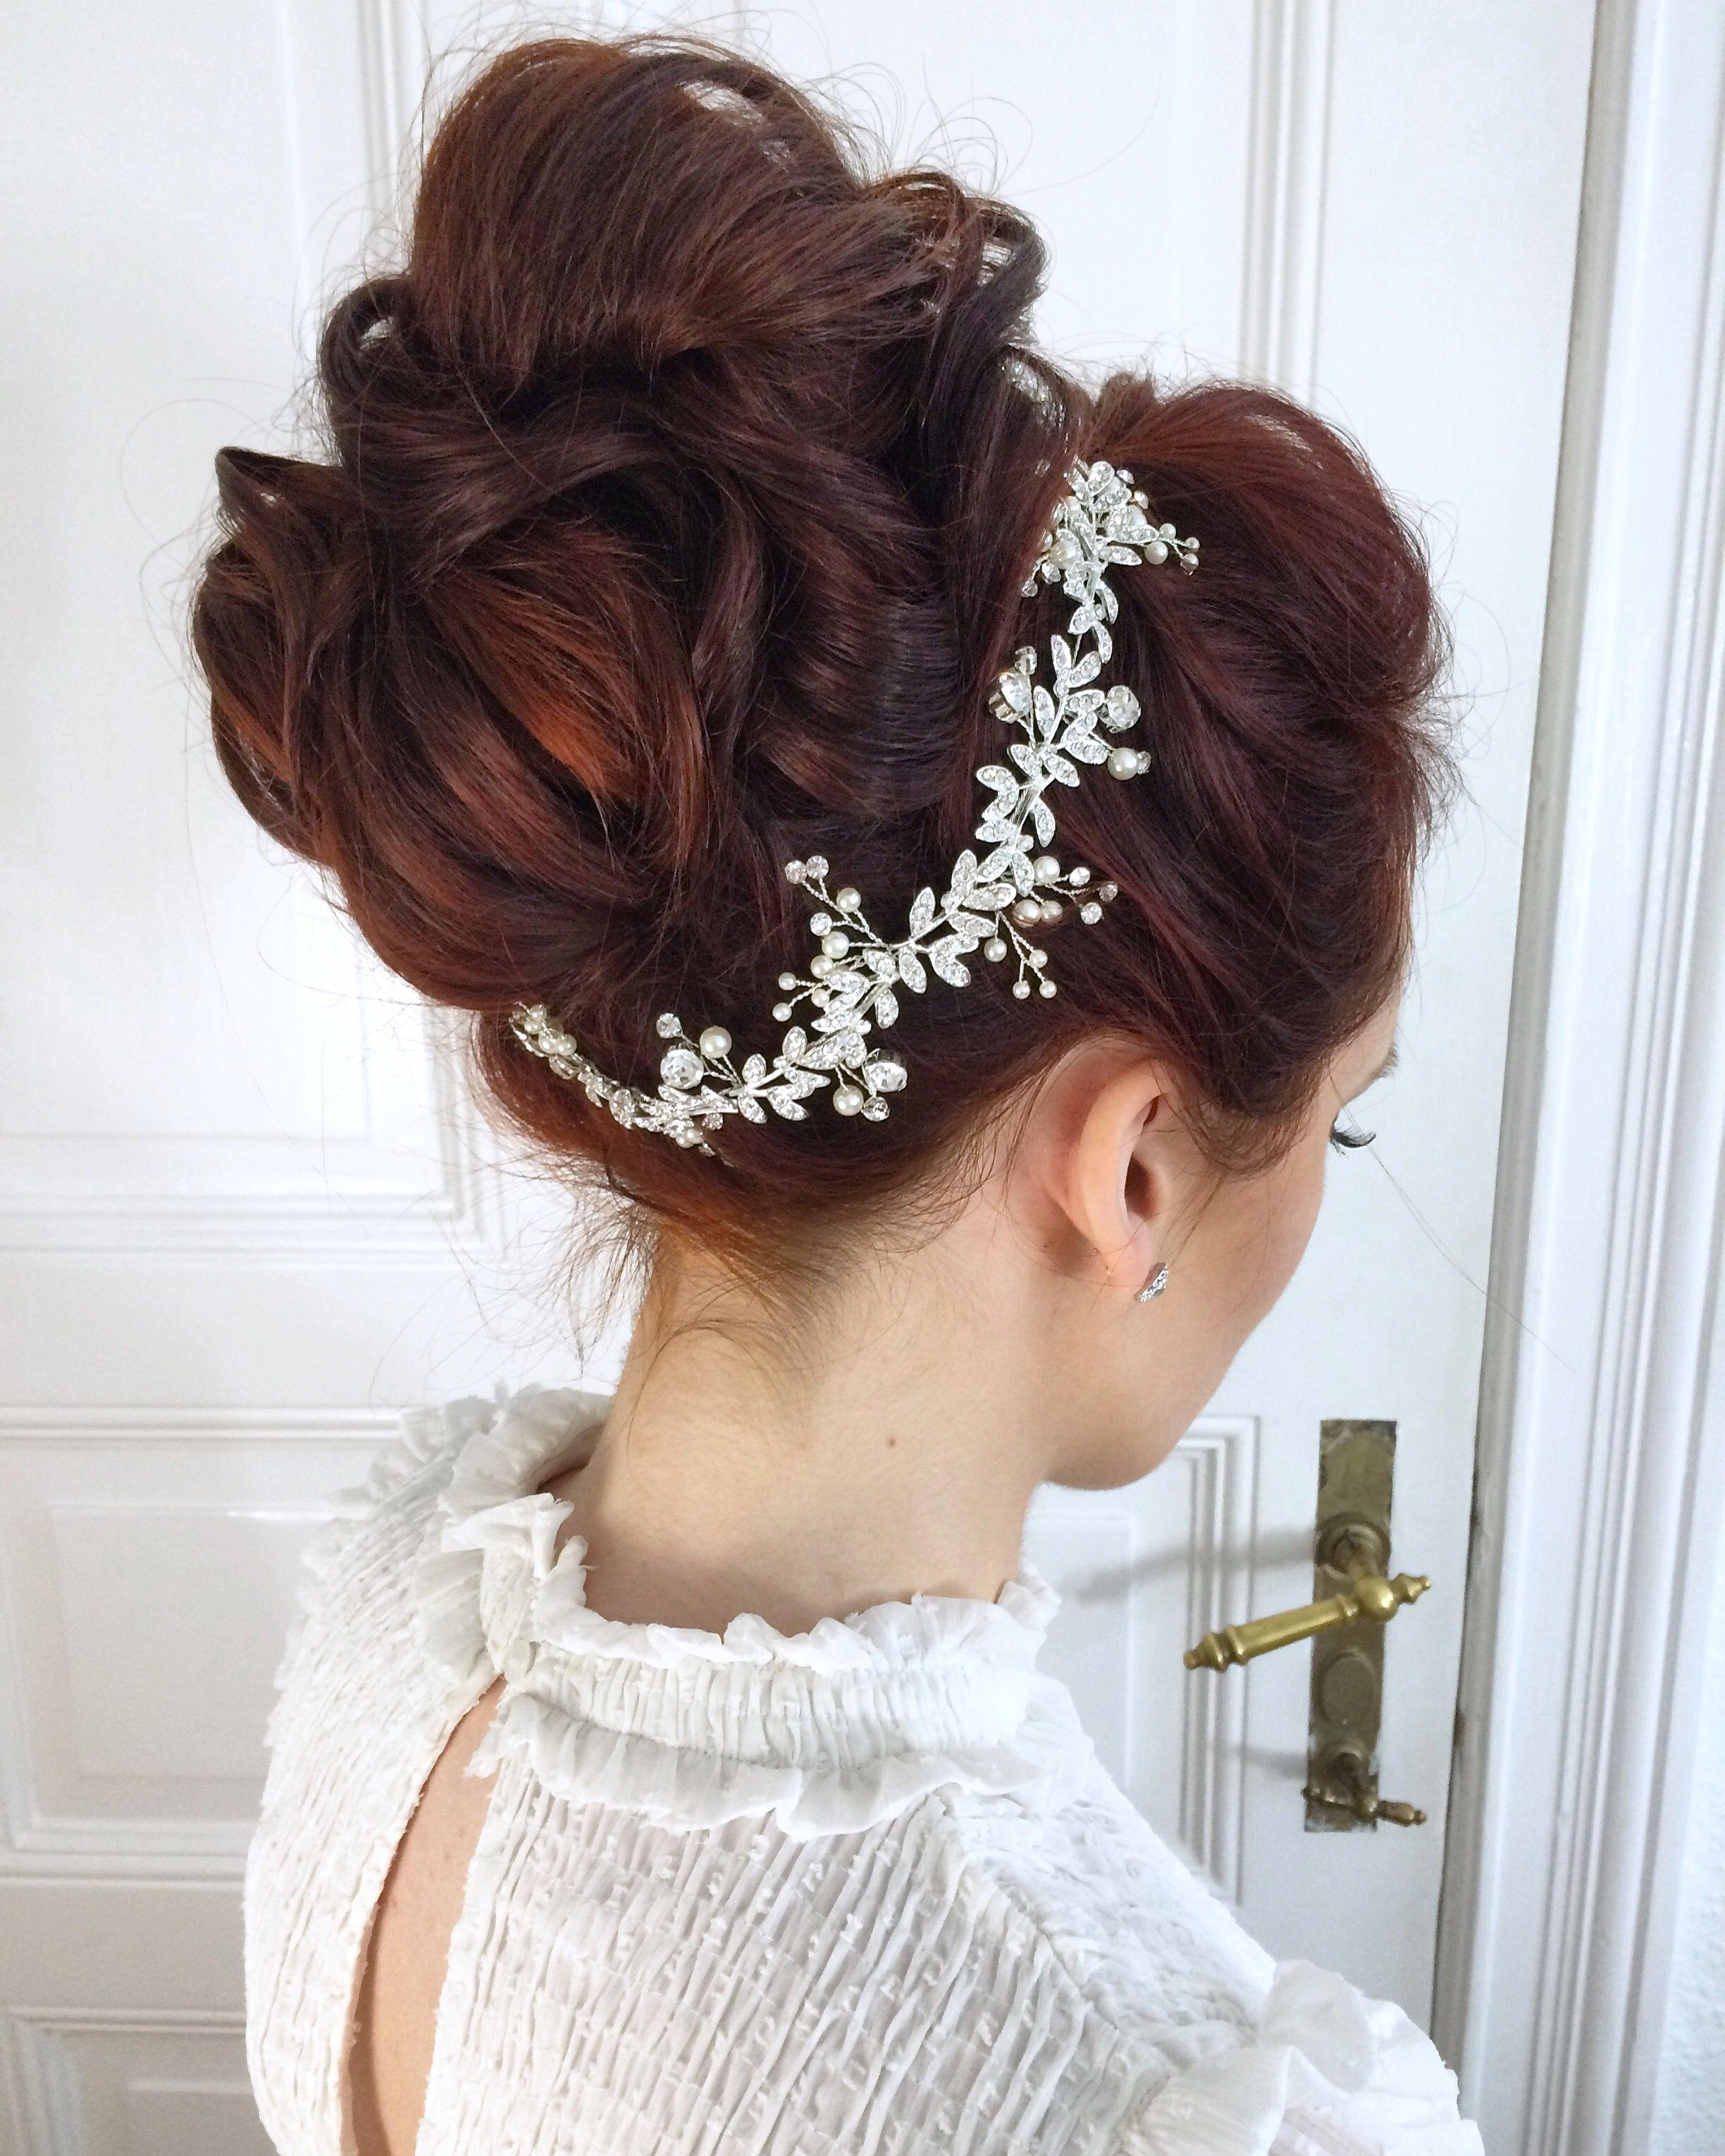 Up Do Rote Haare Glitzer Haarschmuck Hochgesteckt Bridal